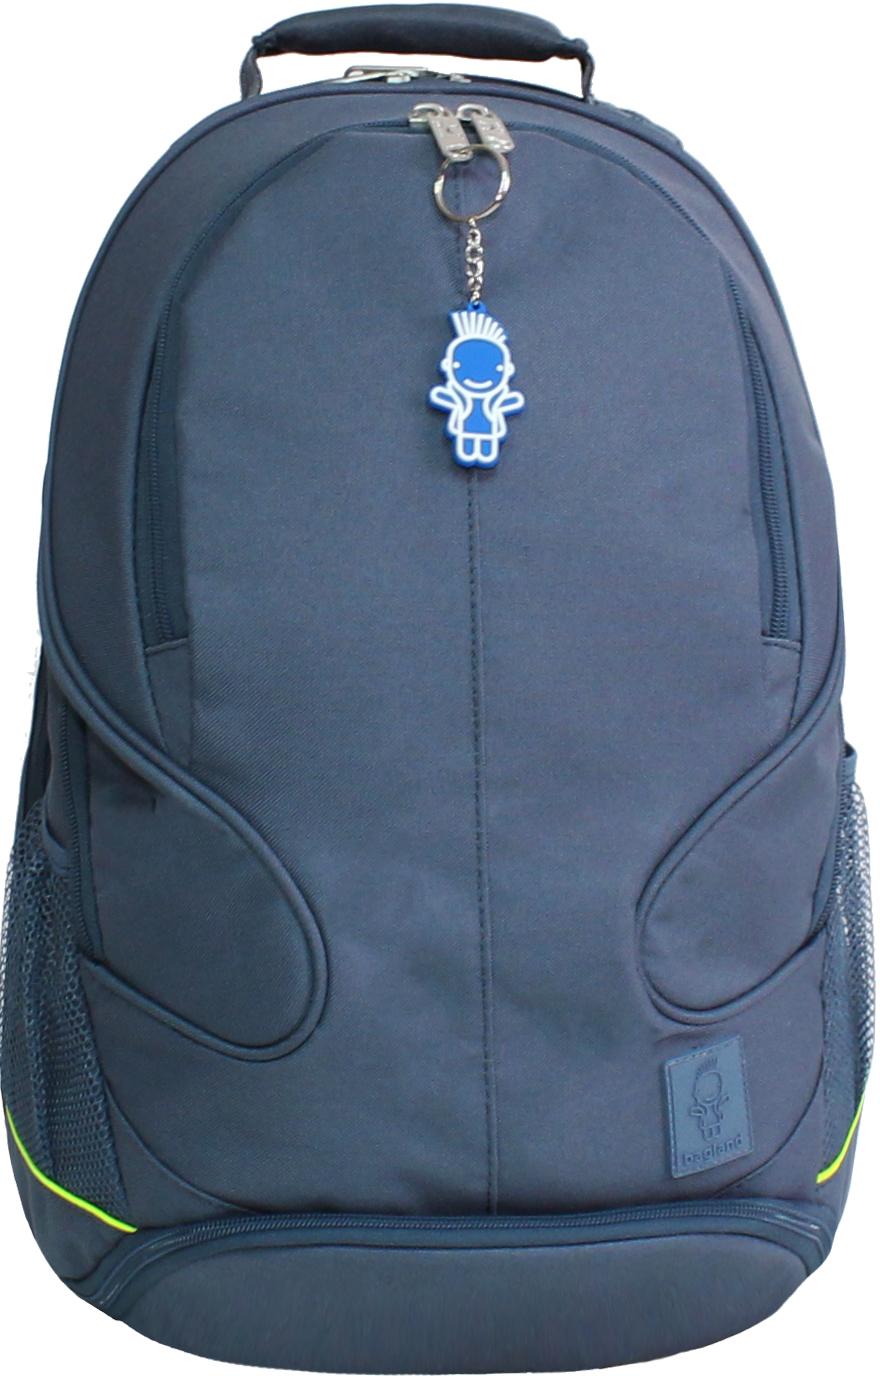 Каталог Рюкзак для ноутбука Bagland Рюкзак ZOOTY 24 л. Серый (00531662) IMG_8978.JPG